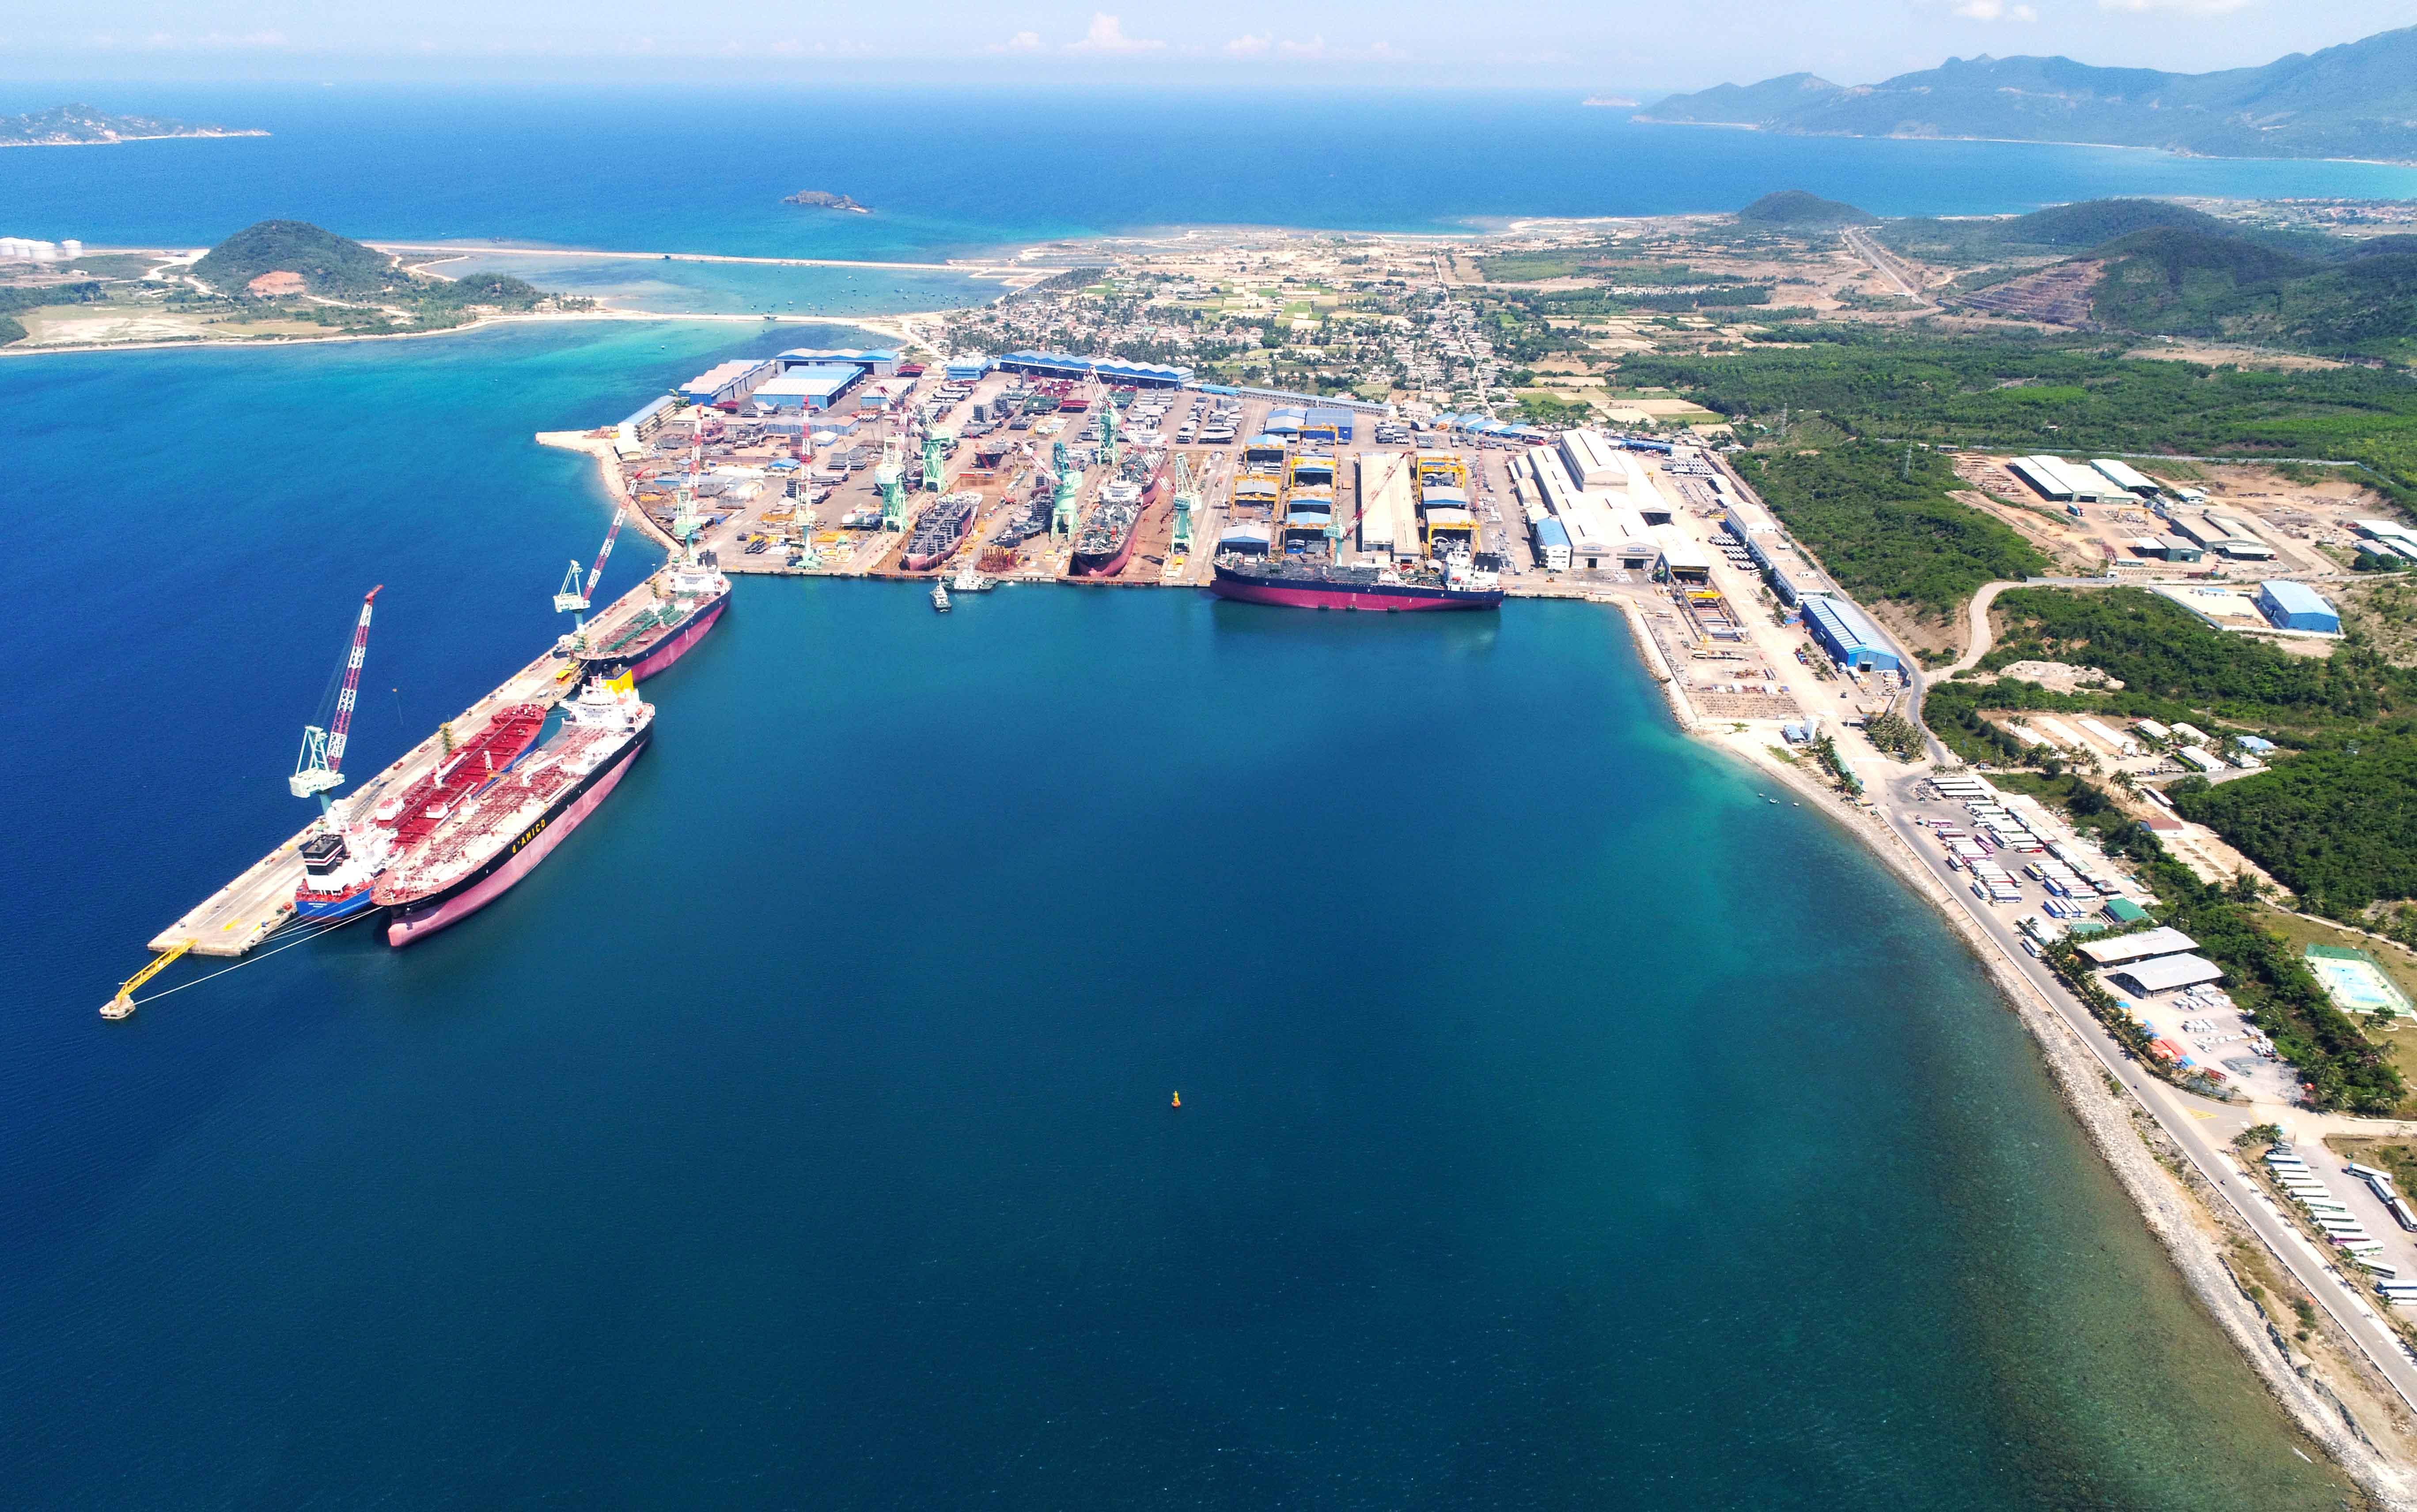 Khu kinh tế Vân Phong chờ diện mạo mới - Ảnh 1.